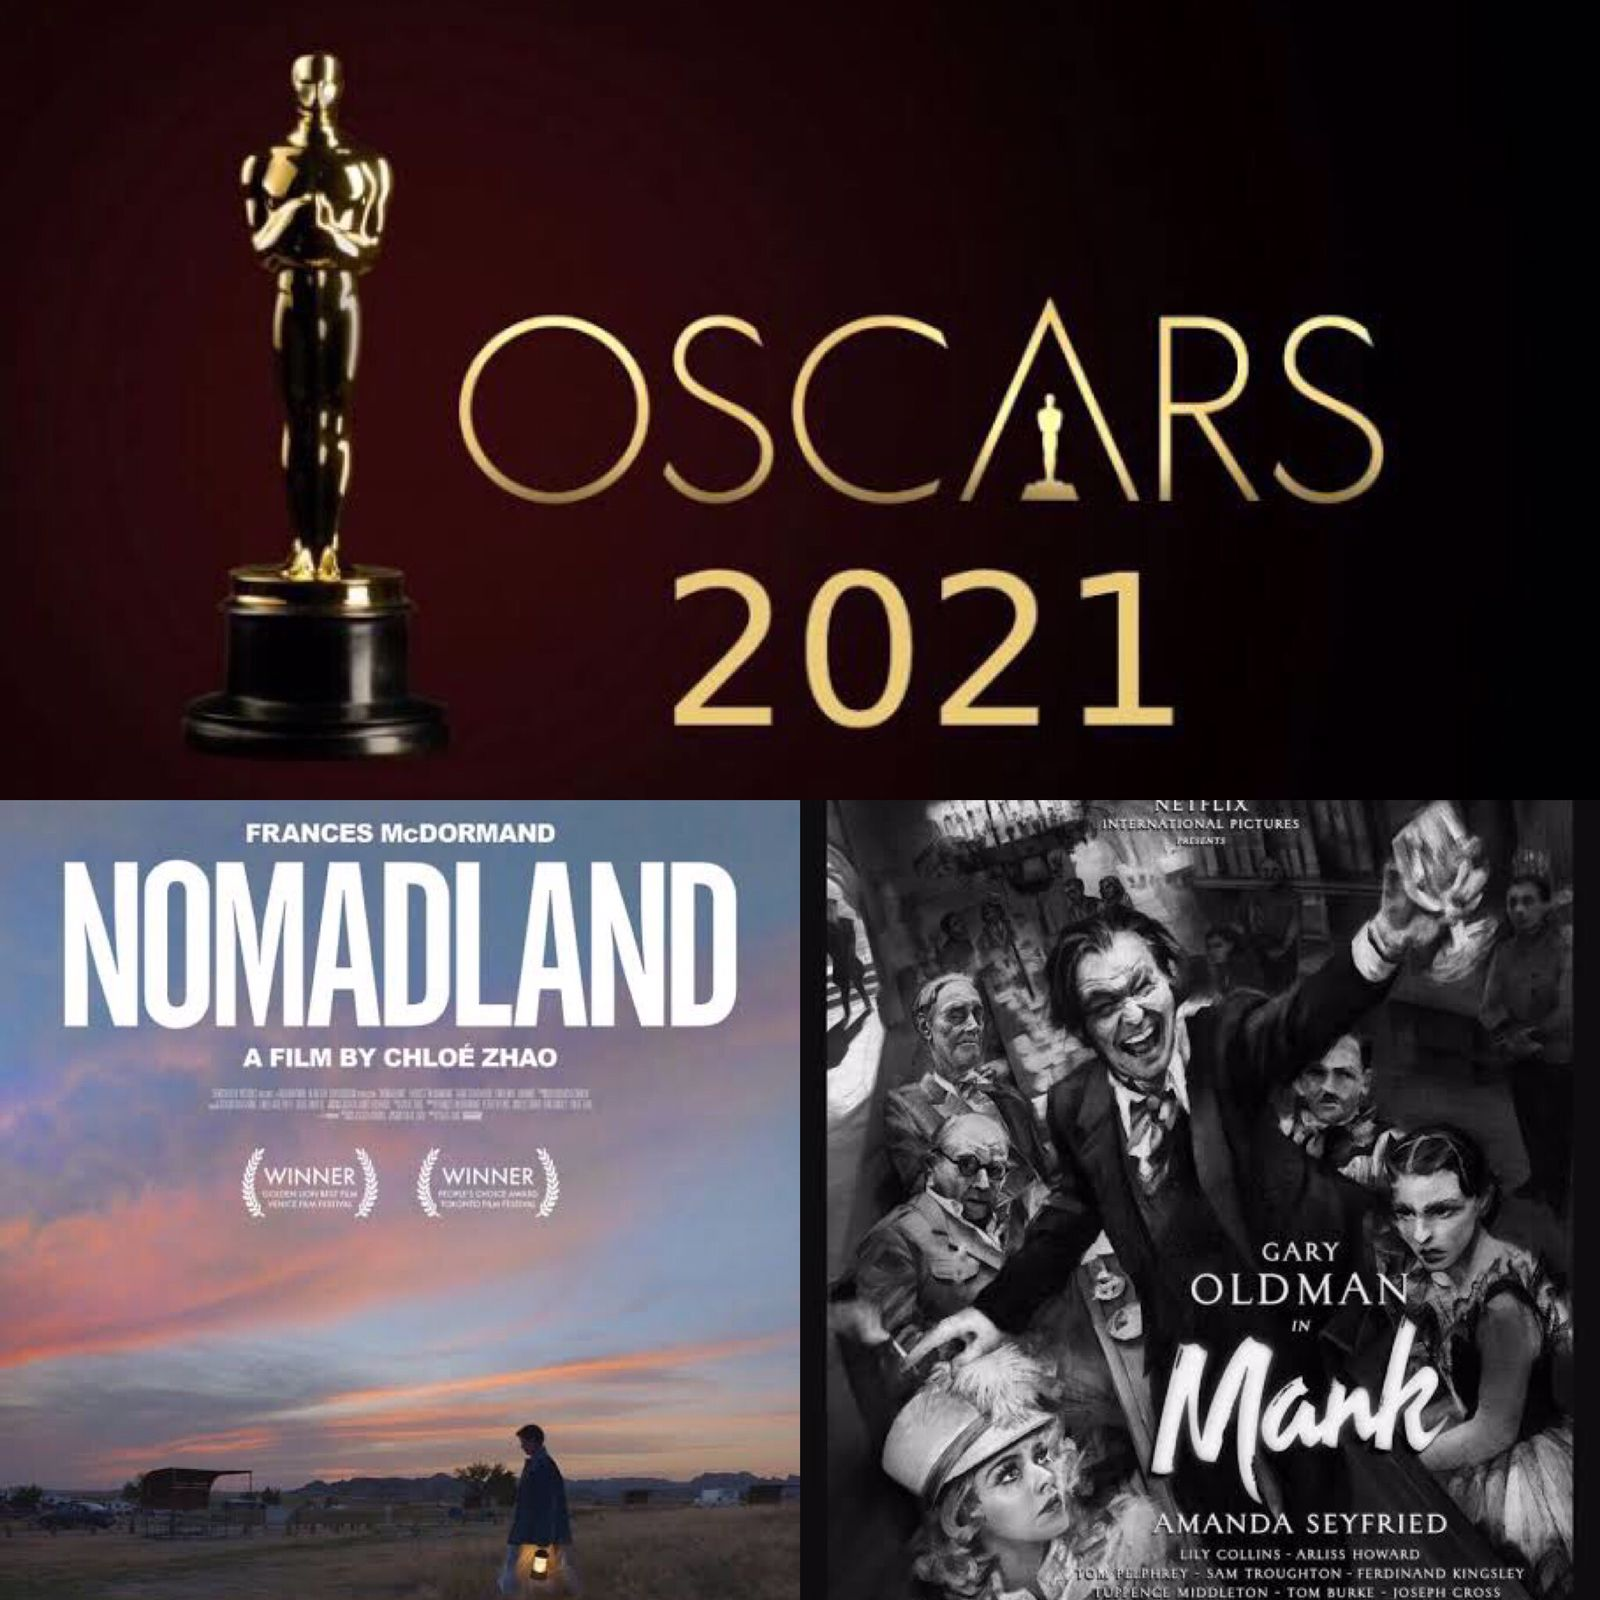 El Film de la Semana - Óscar 2021, ¿quiénes serán los ganadores?